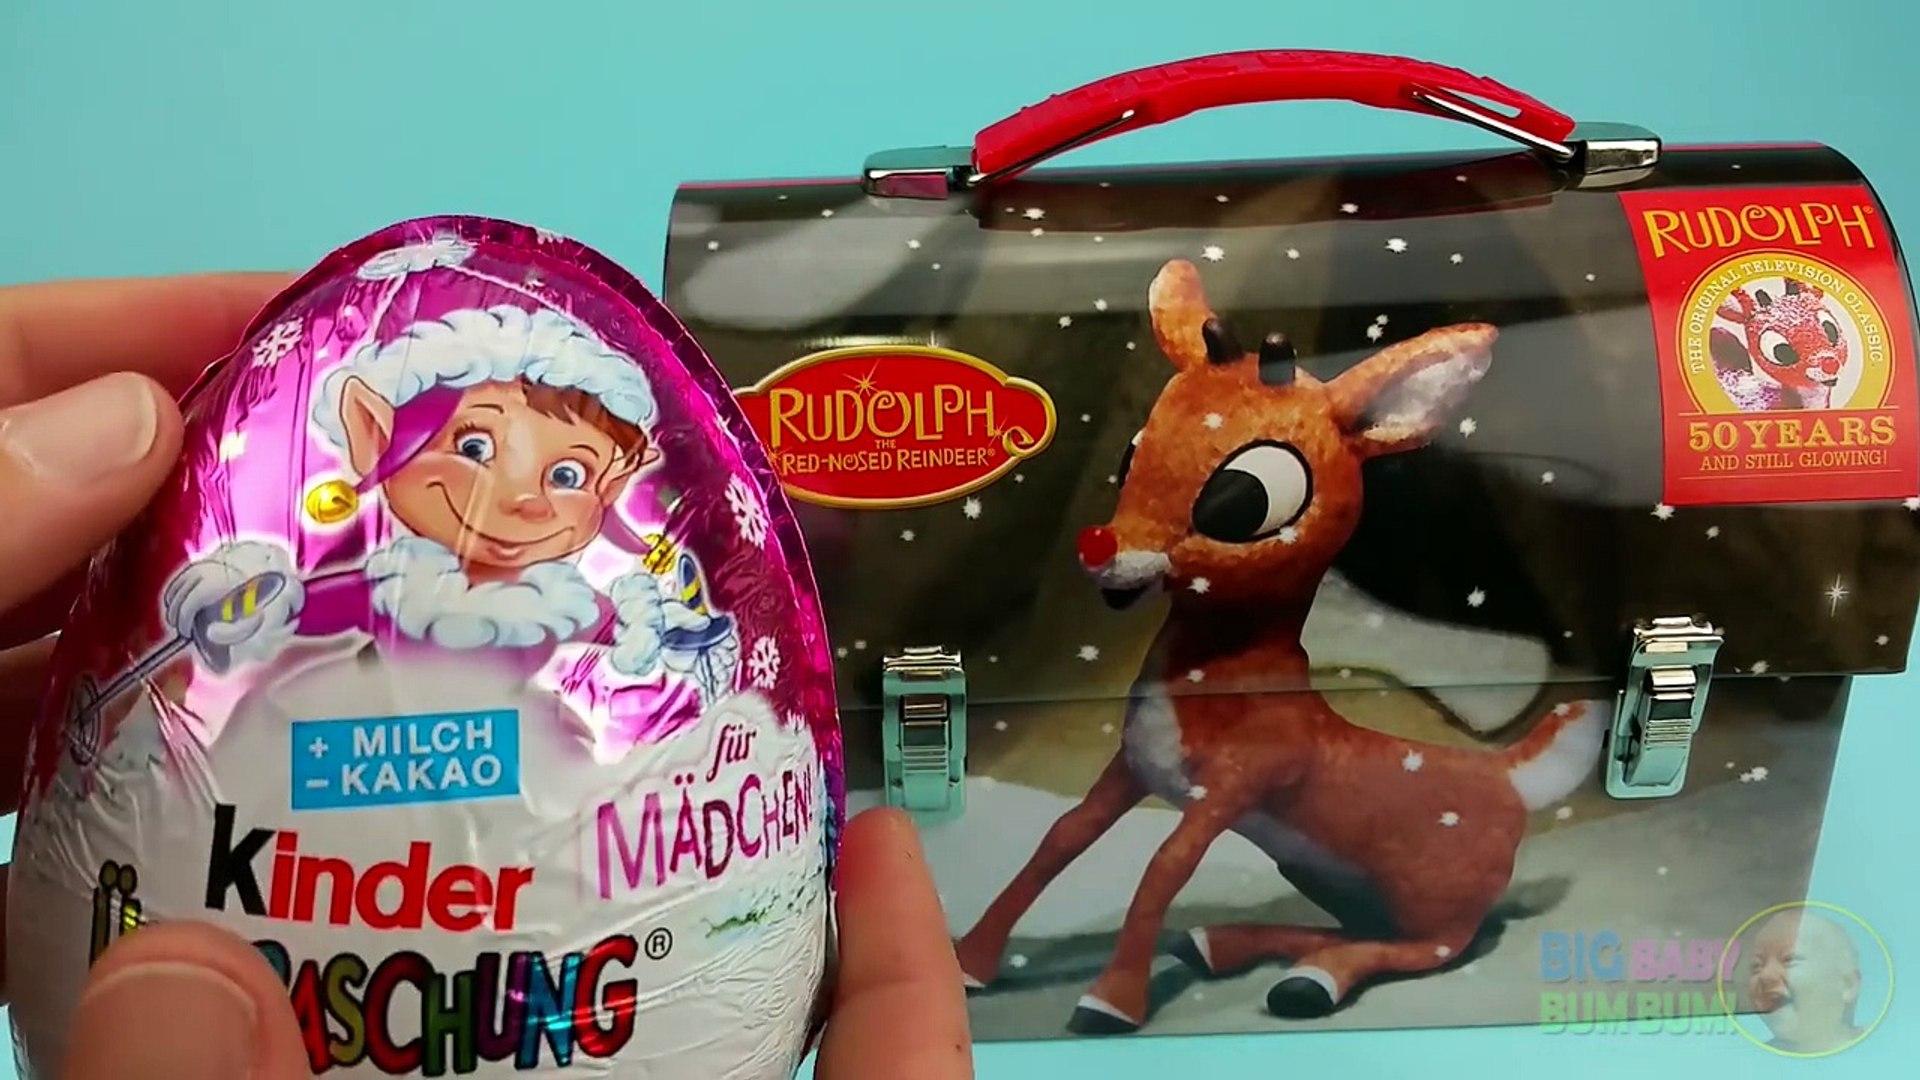 Детка ребенок большой бомж дисней Издание яйцо коробка для ланча Принцесса Кошелек сюрприз